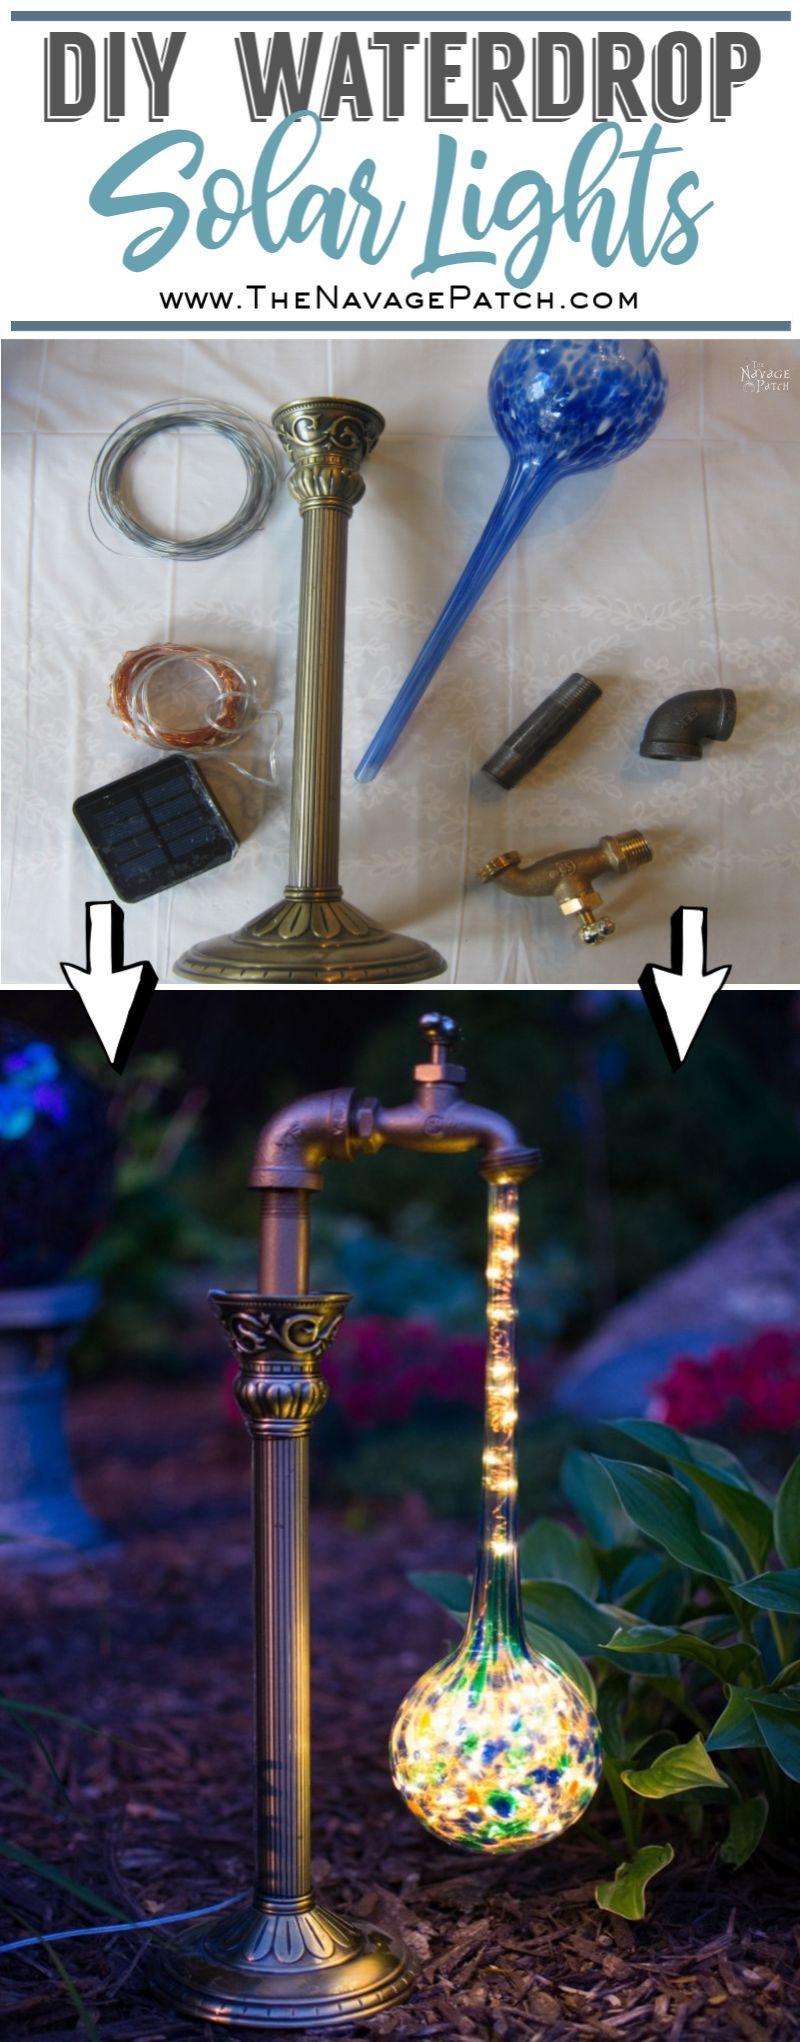 DIY Waterdrop Solar Lights pin image